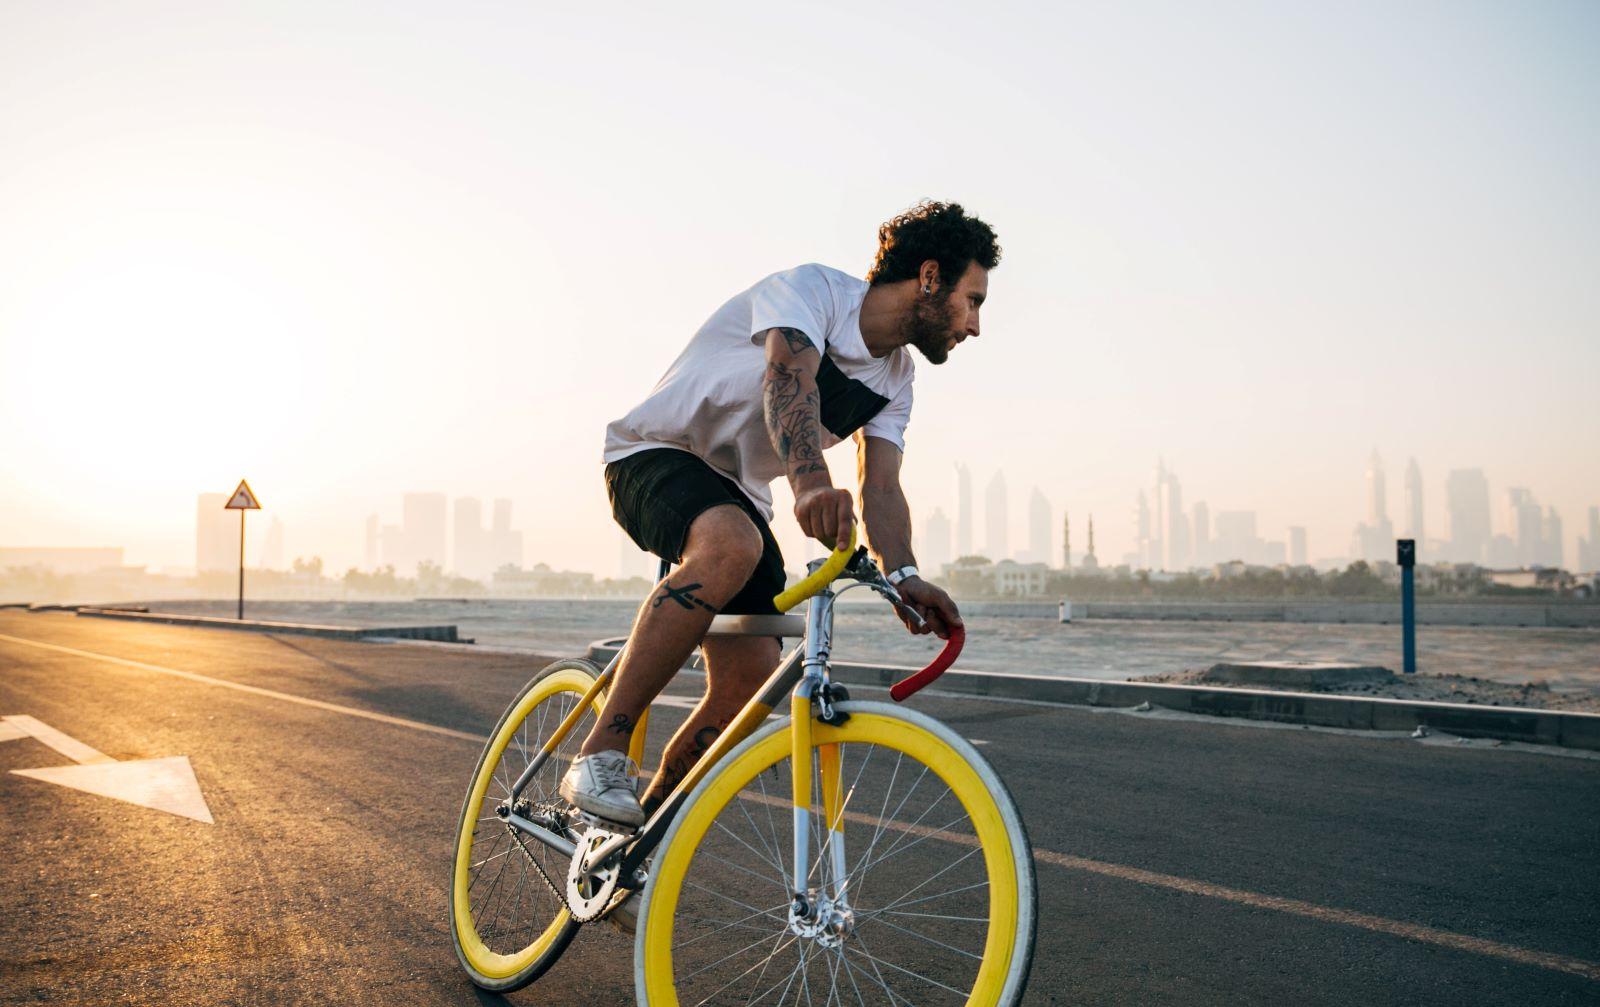 Parcheggiare la bici in città cosa dice la legge, ecco la normativa e i divieti